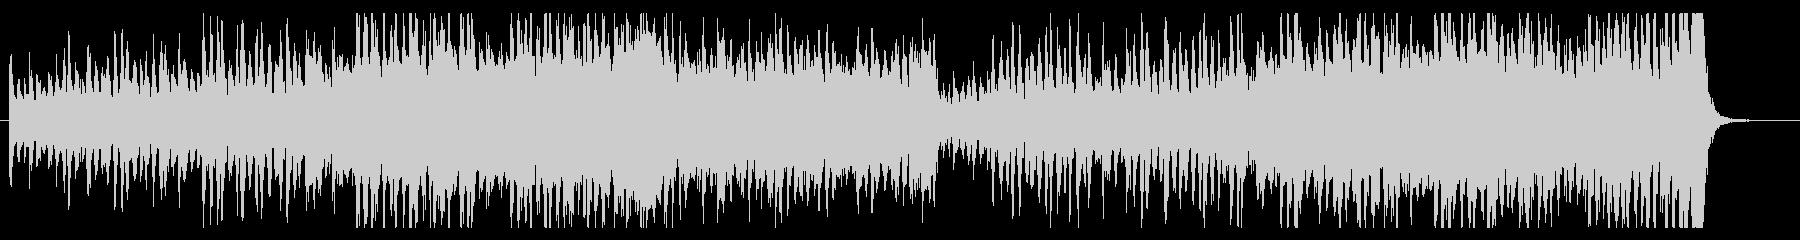 サスペンス追跡シーンの緊迫壮大BGMの未再生の波形